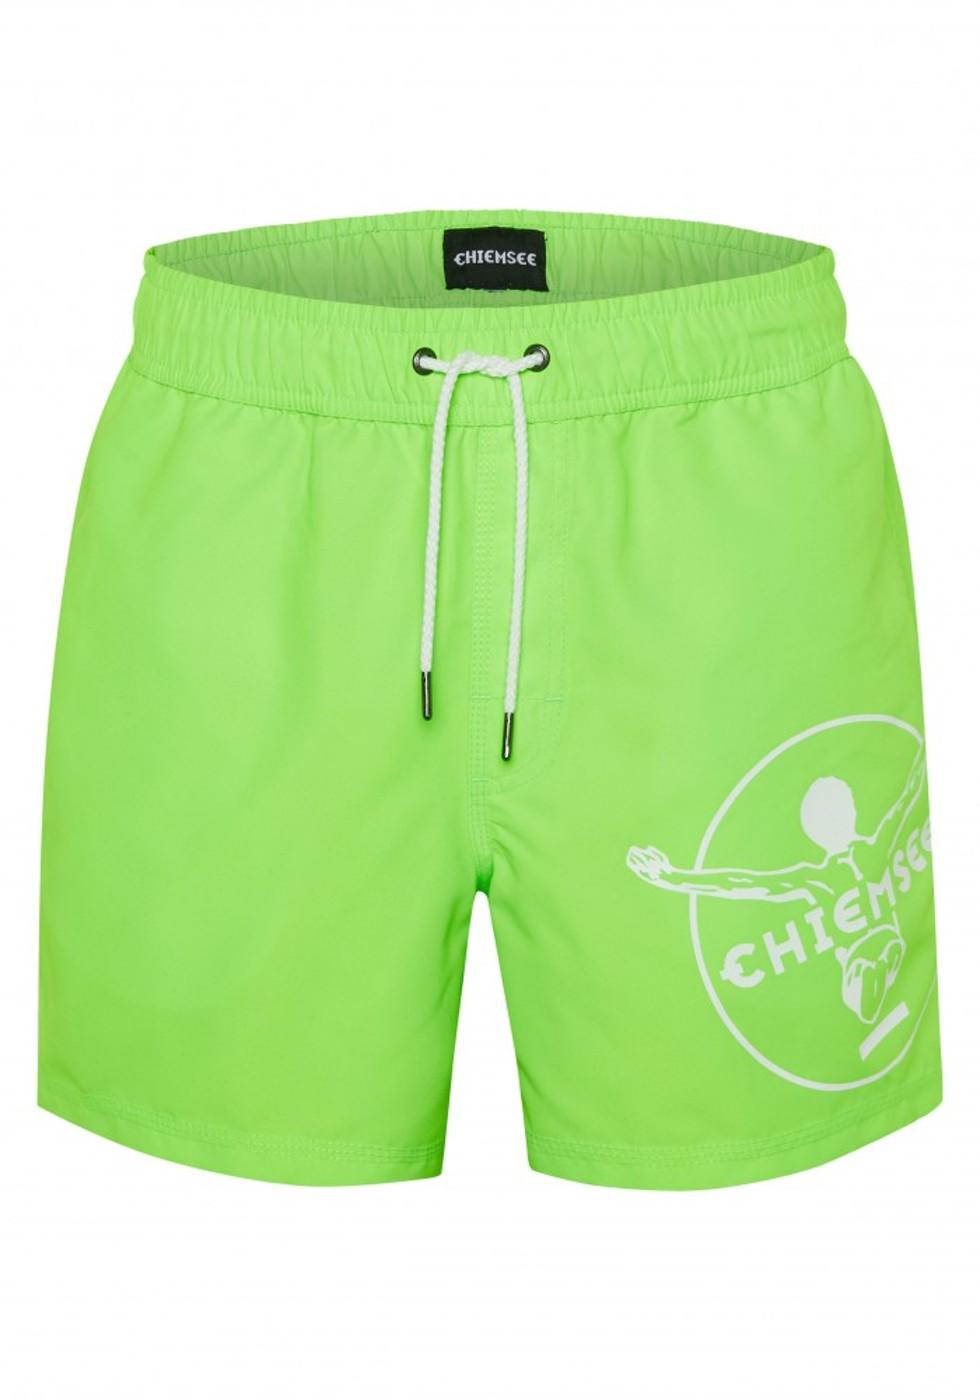 CHIEMSEE MORRO BAY Men, Swim Shorts - Herren